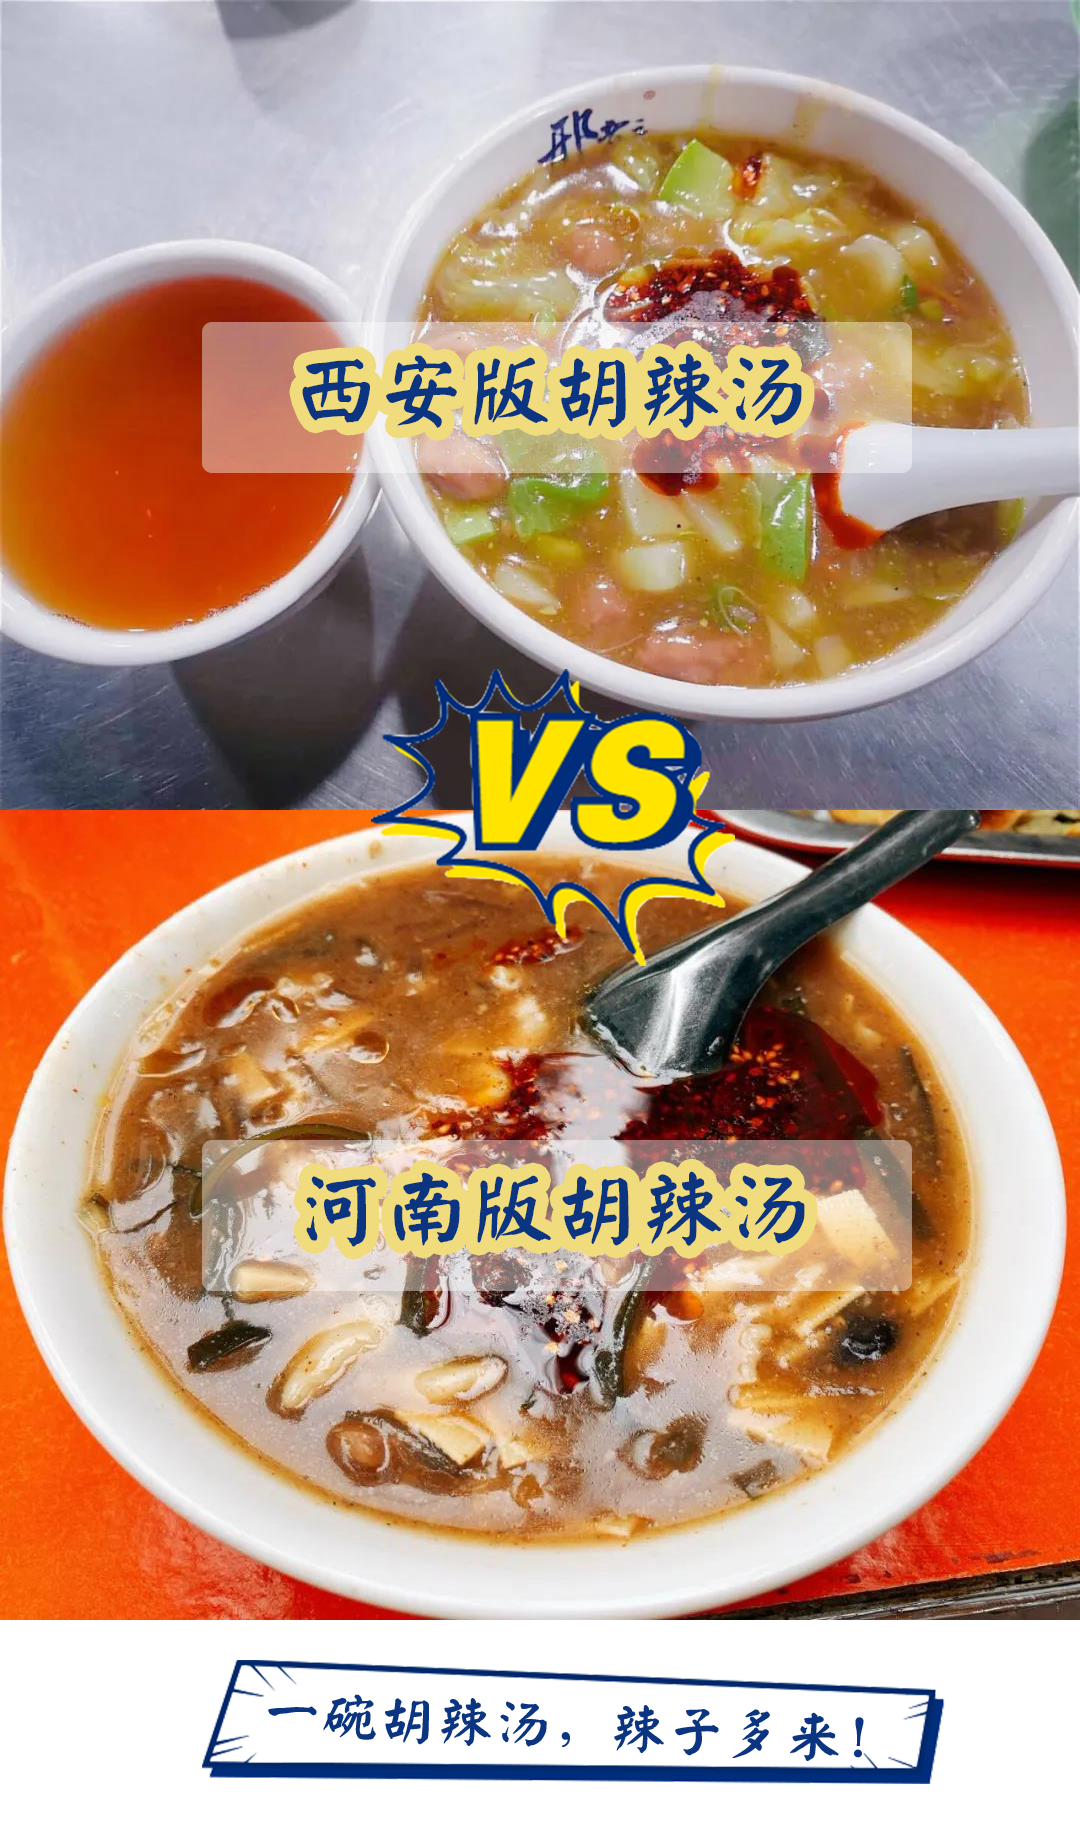 河南胡辣汤vs西安胡辣汤,哪个更正宗?图片